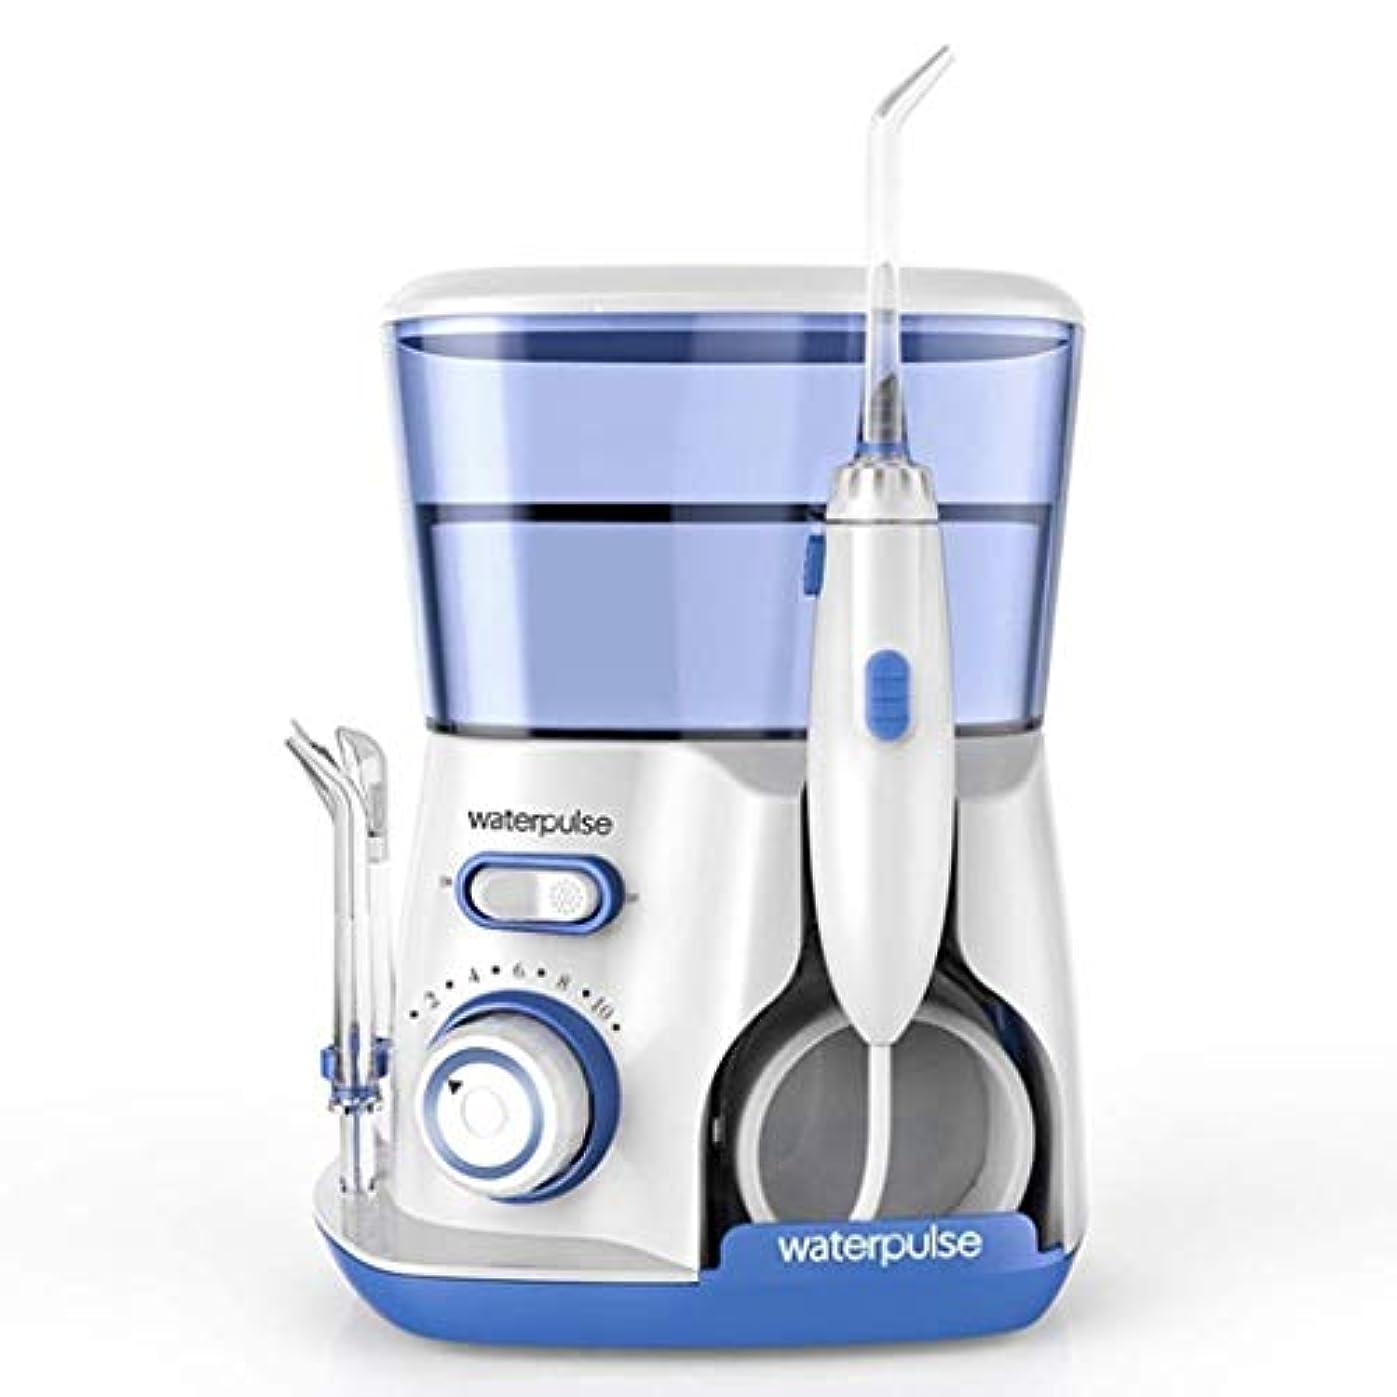 周囲慈善スカリー歯科洗浄機、電動歯洗浄機、ポータブル家庭用口腔洗浄機、5つのノズル付き800ML、360度の洗浄 (Color : V)